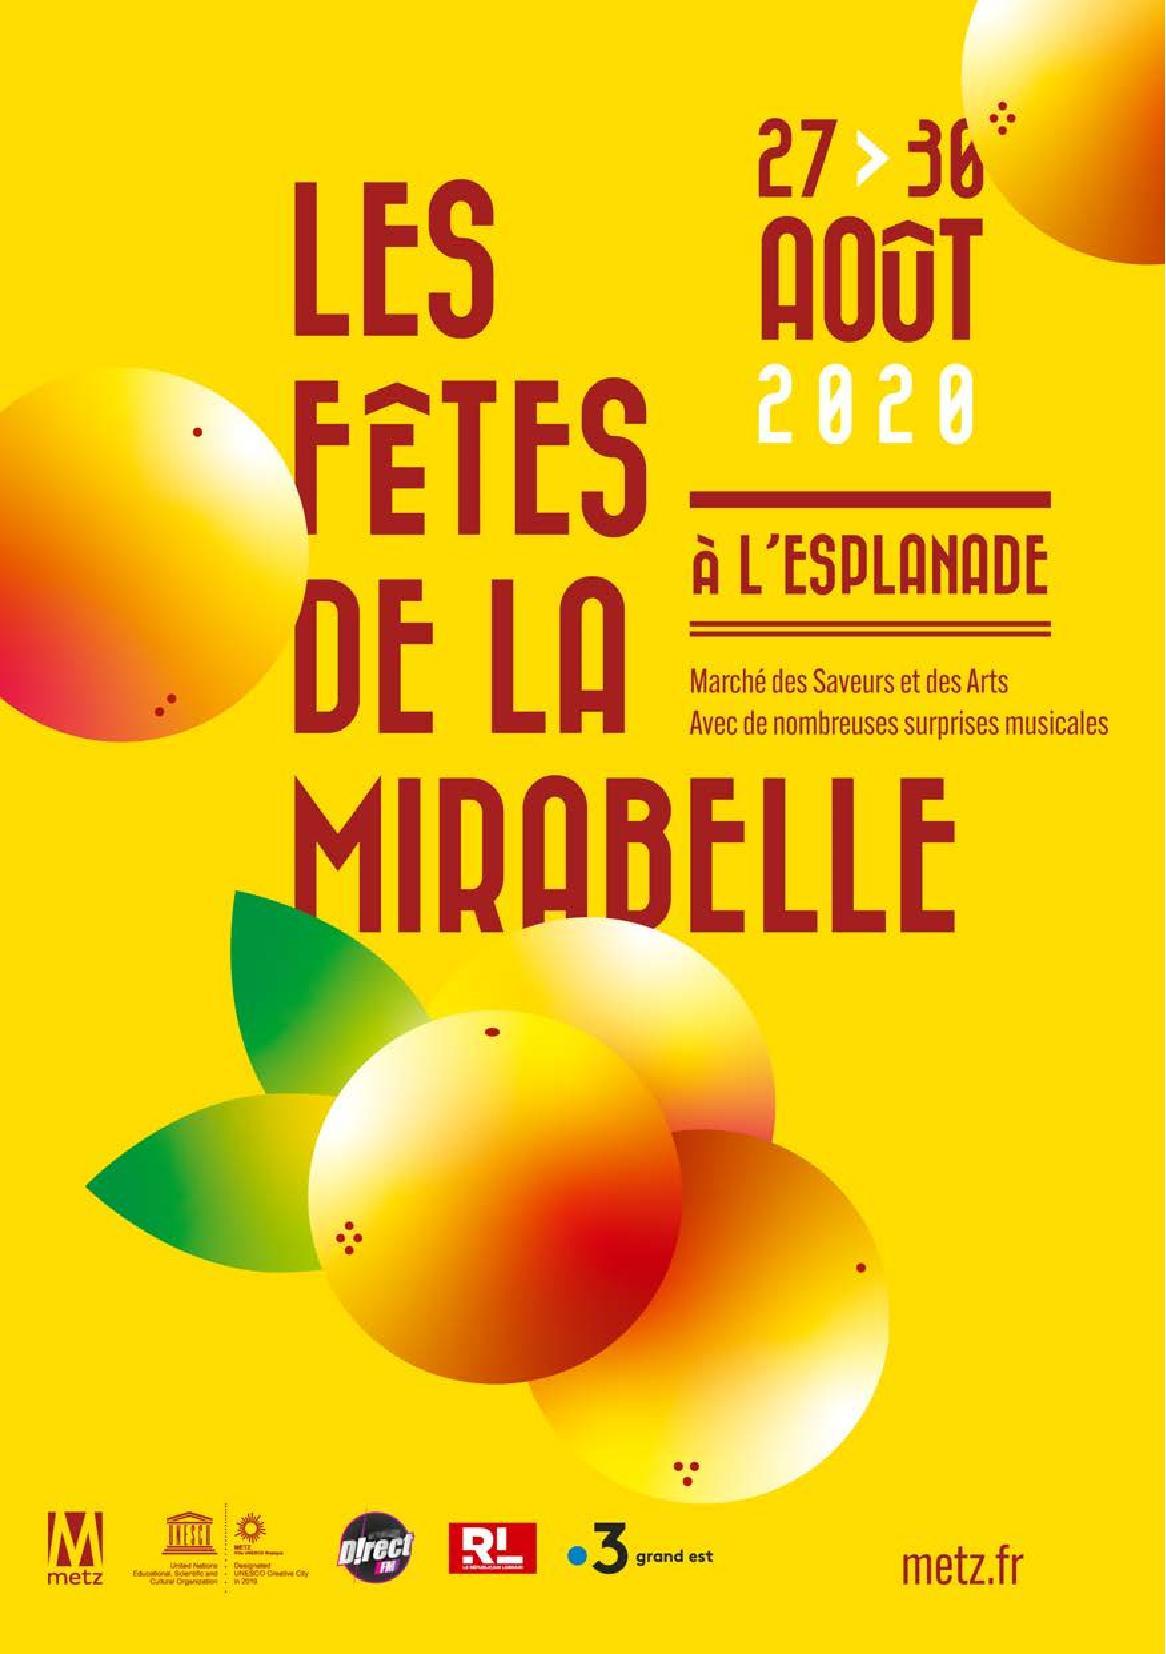 Les Fêtes de la Mirabelle 2020 Metz Marché des Saveurs et des Arts - Nombreuses surprises musicales